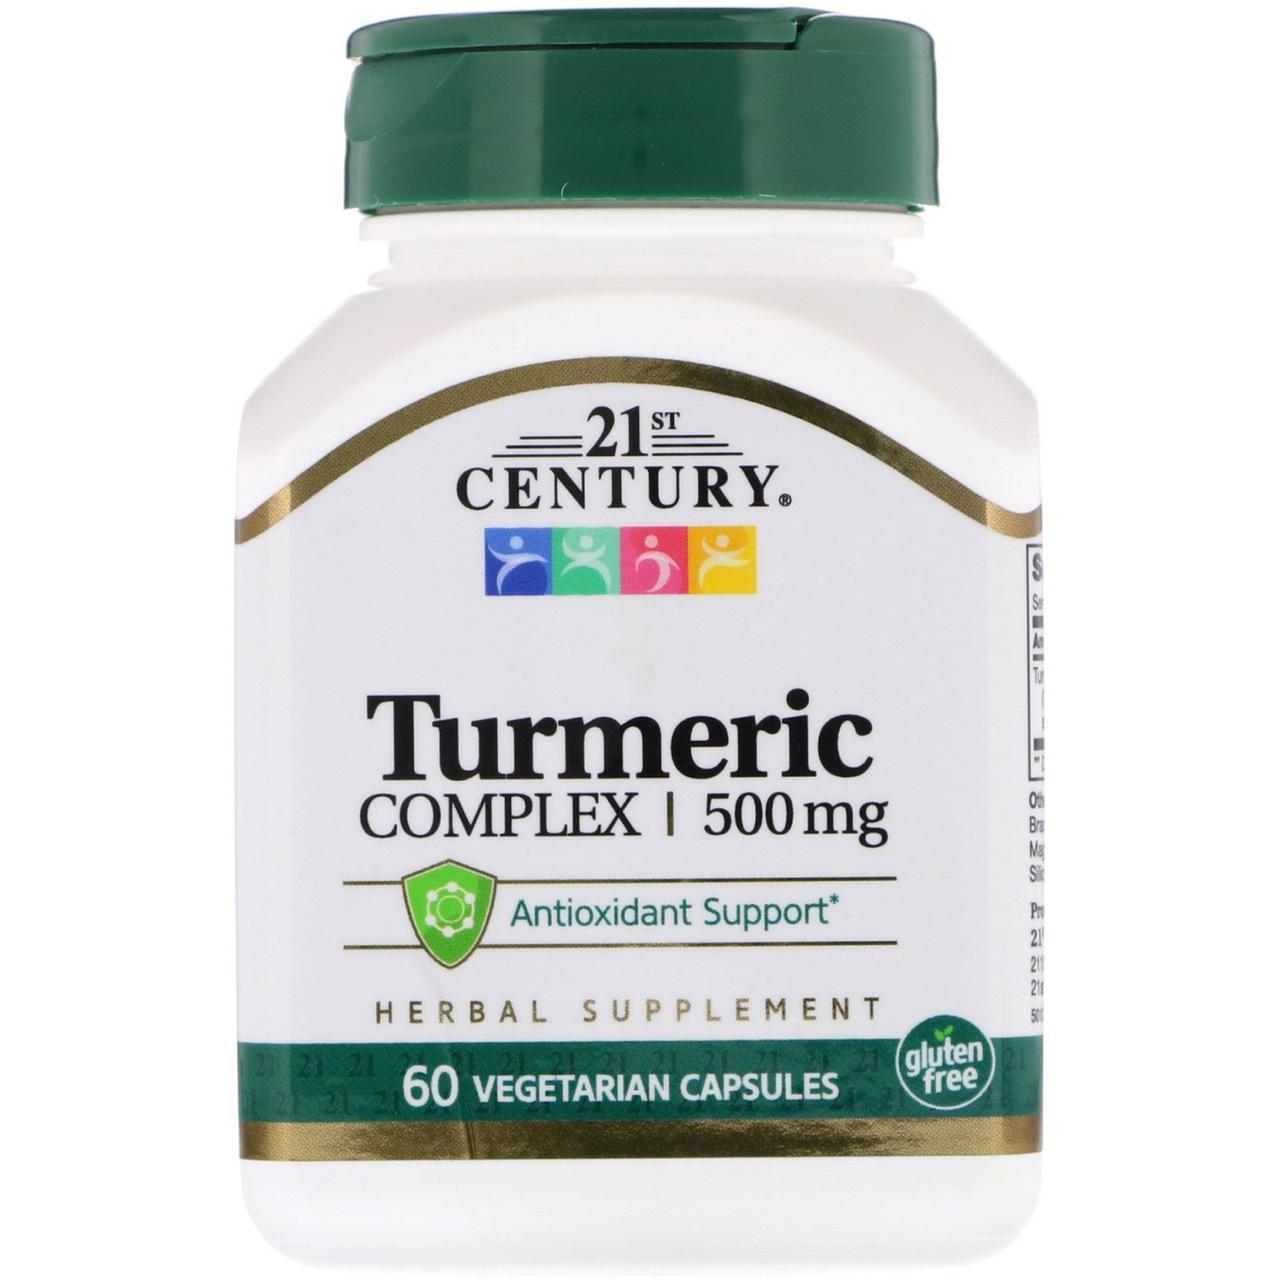 Комплекс с куркумой, 500 мг, 60 вегетарианских капсул 21st Century